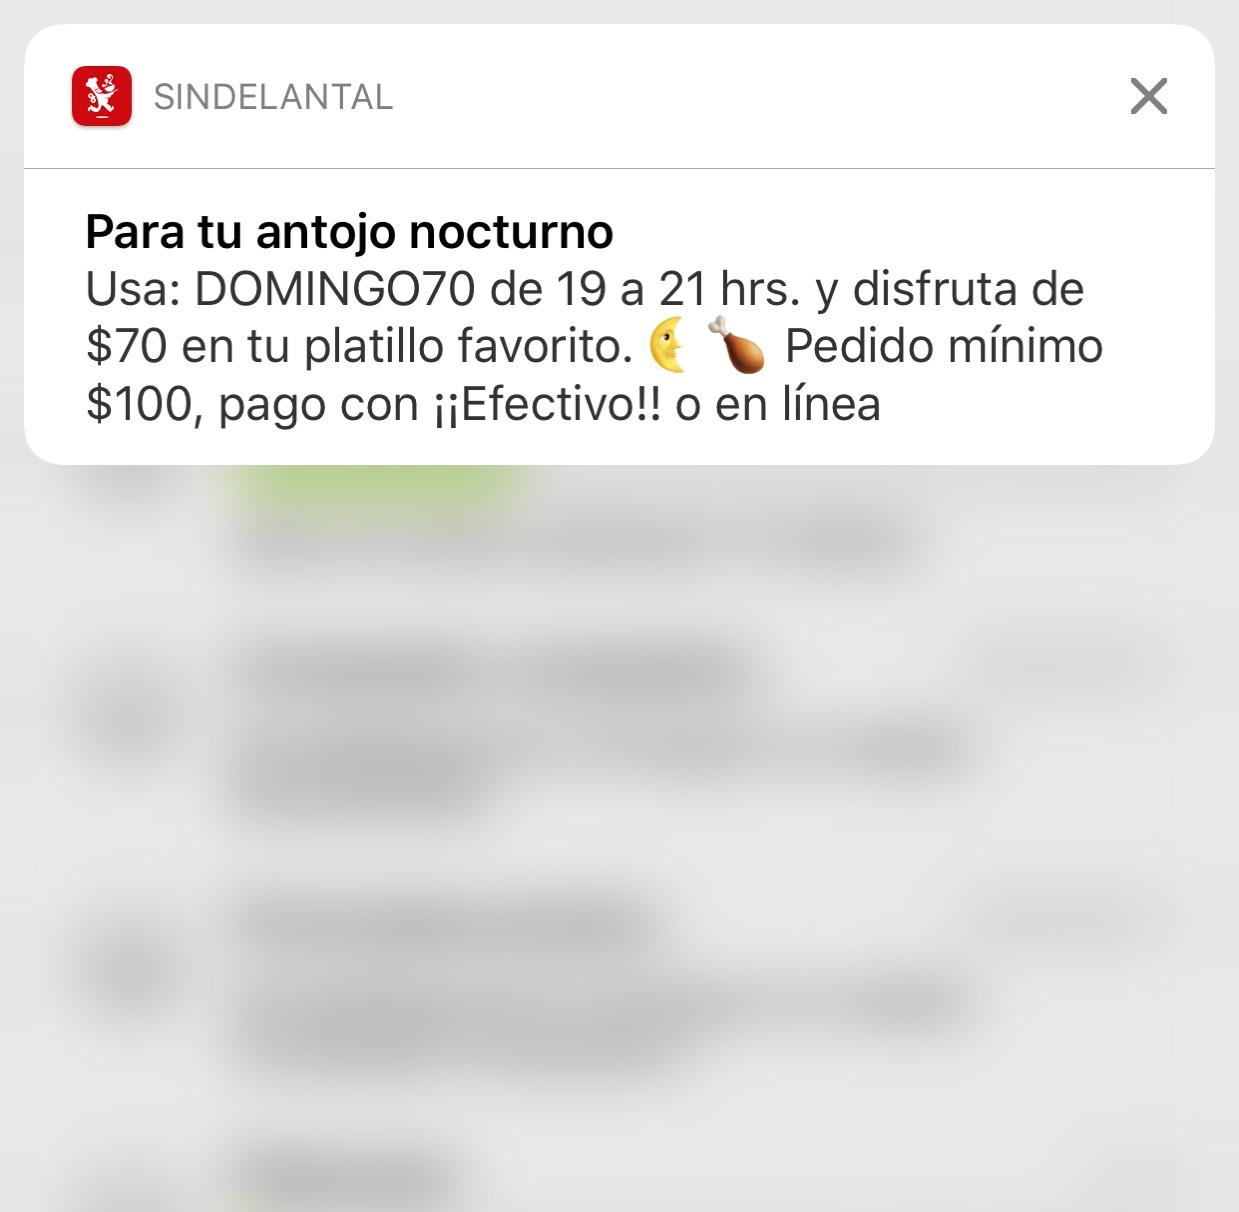 SinDelantal: Cupón de $70 con pedido mínimo de $100